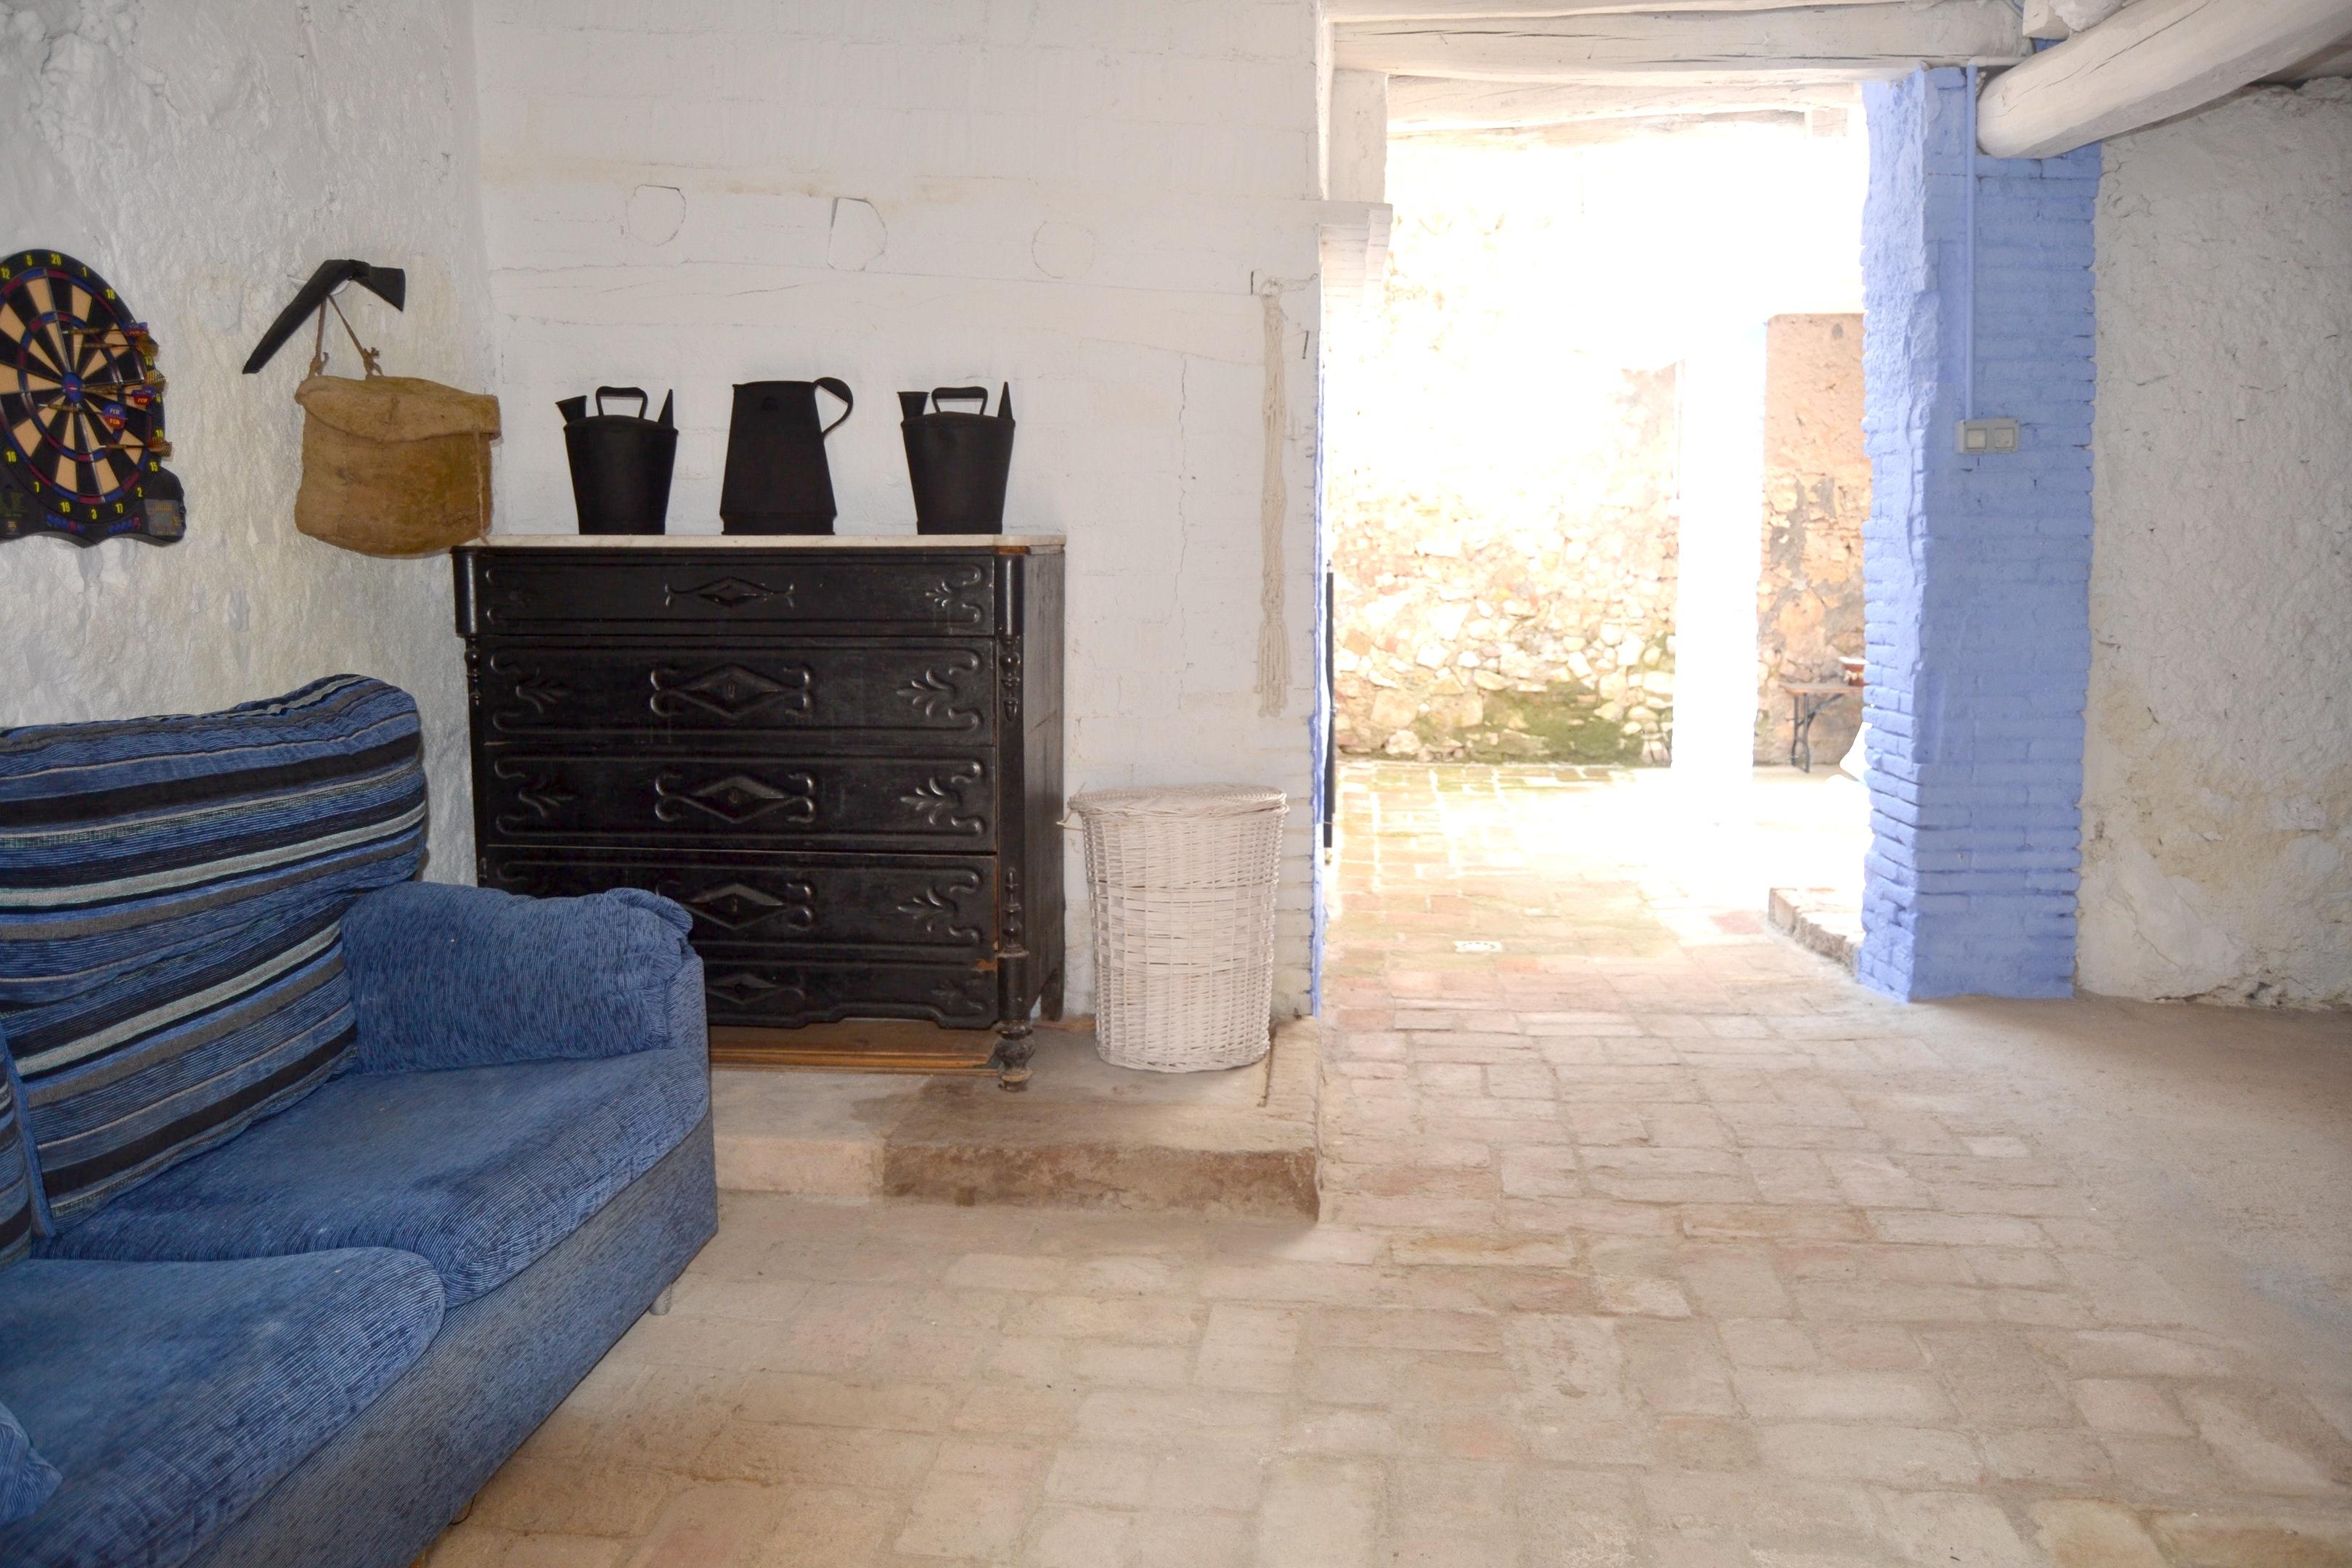 Ferienhaus Haus mit 4 Schlafzimmern in Sant Pere Sacarrera mit toller Aussicht auf die Berge, möblier (2217248), Sant Pere Sacarrera, Barcelona, Katalonien, Spanien, Bild 30